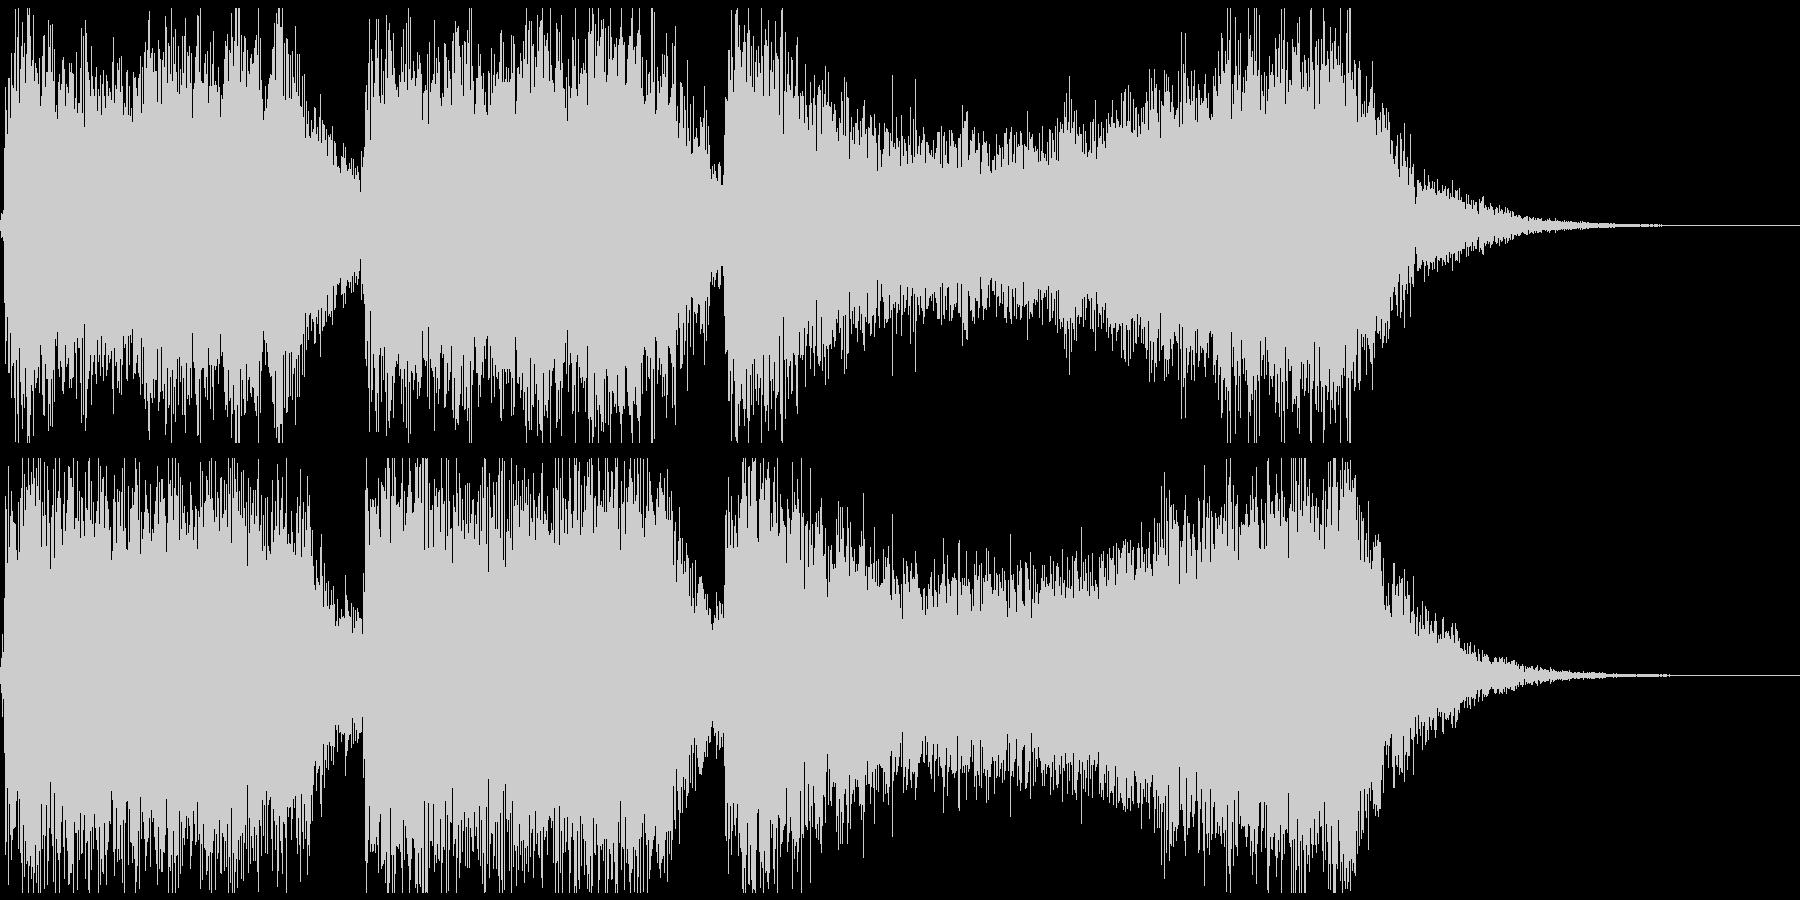 巨大怪獣/戦艦登場シーンの超重厚な曲1の未再生の波形